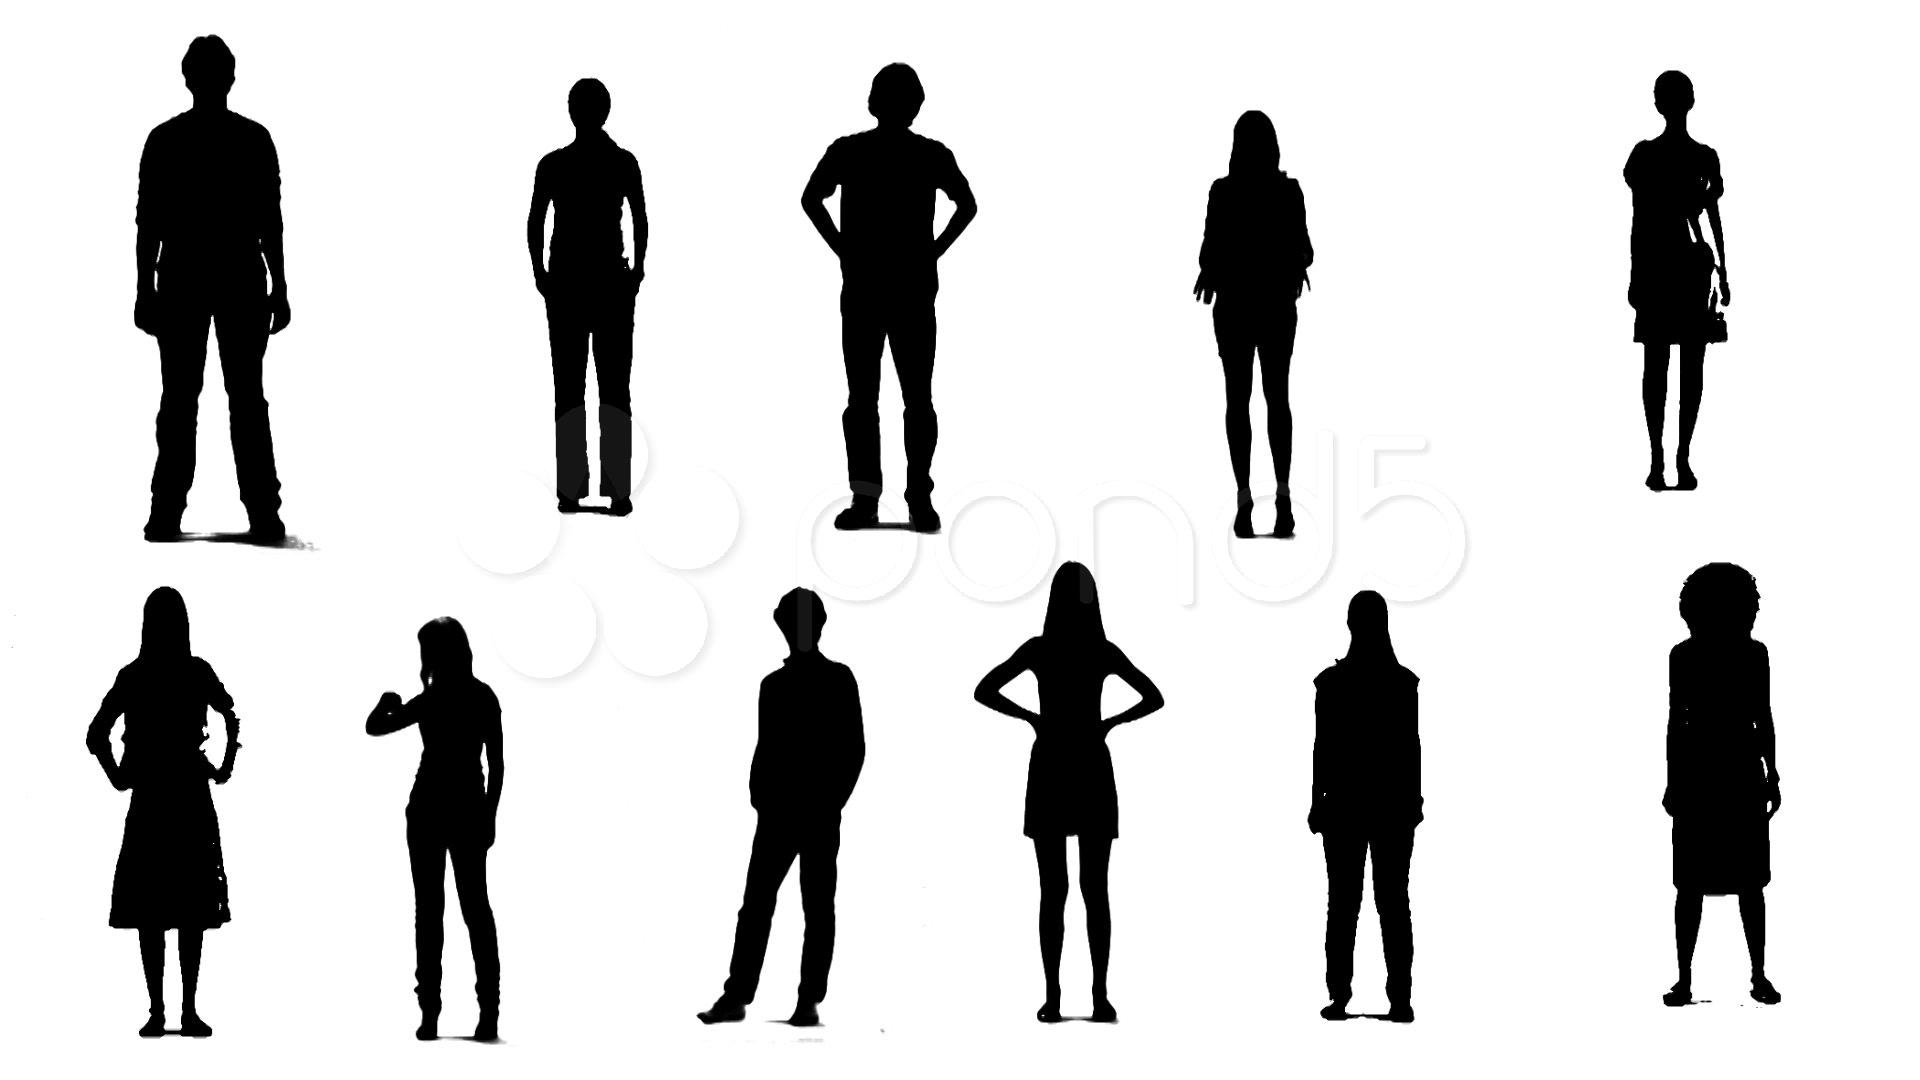 People Silhouette At Getdrawings